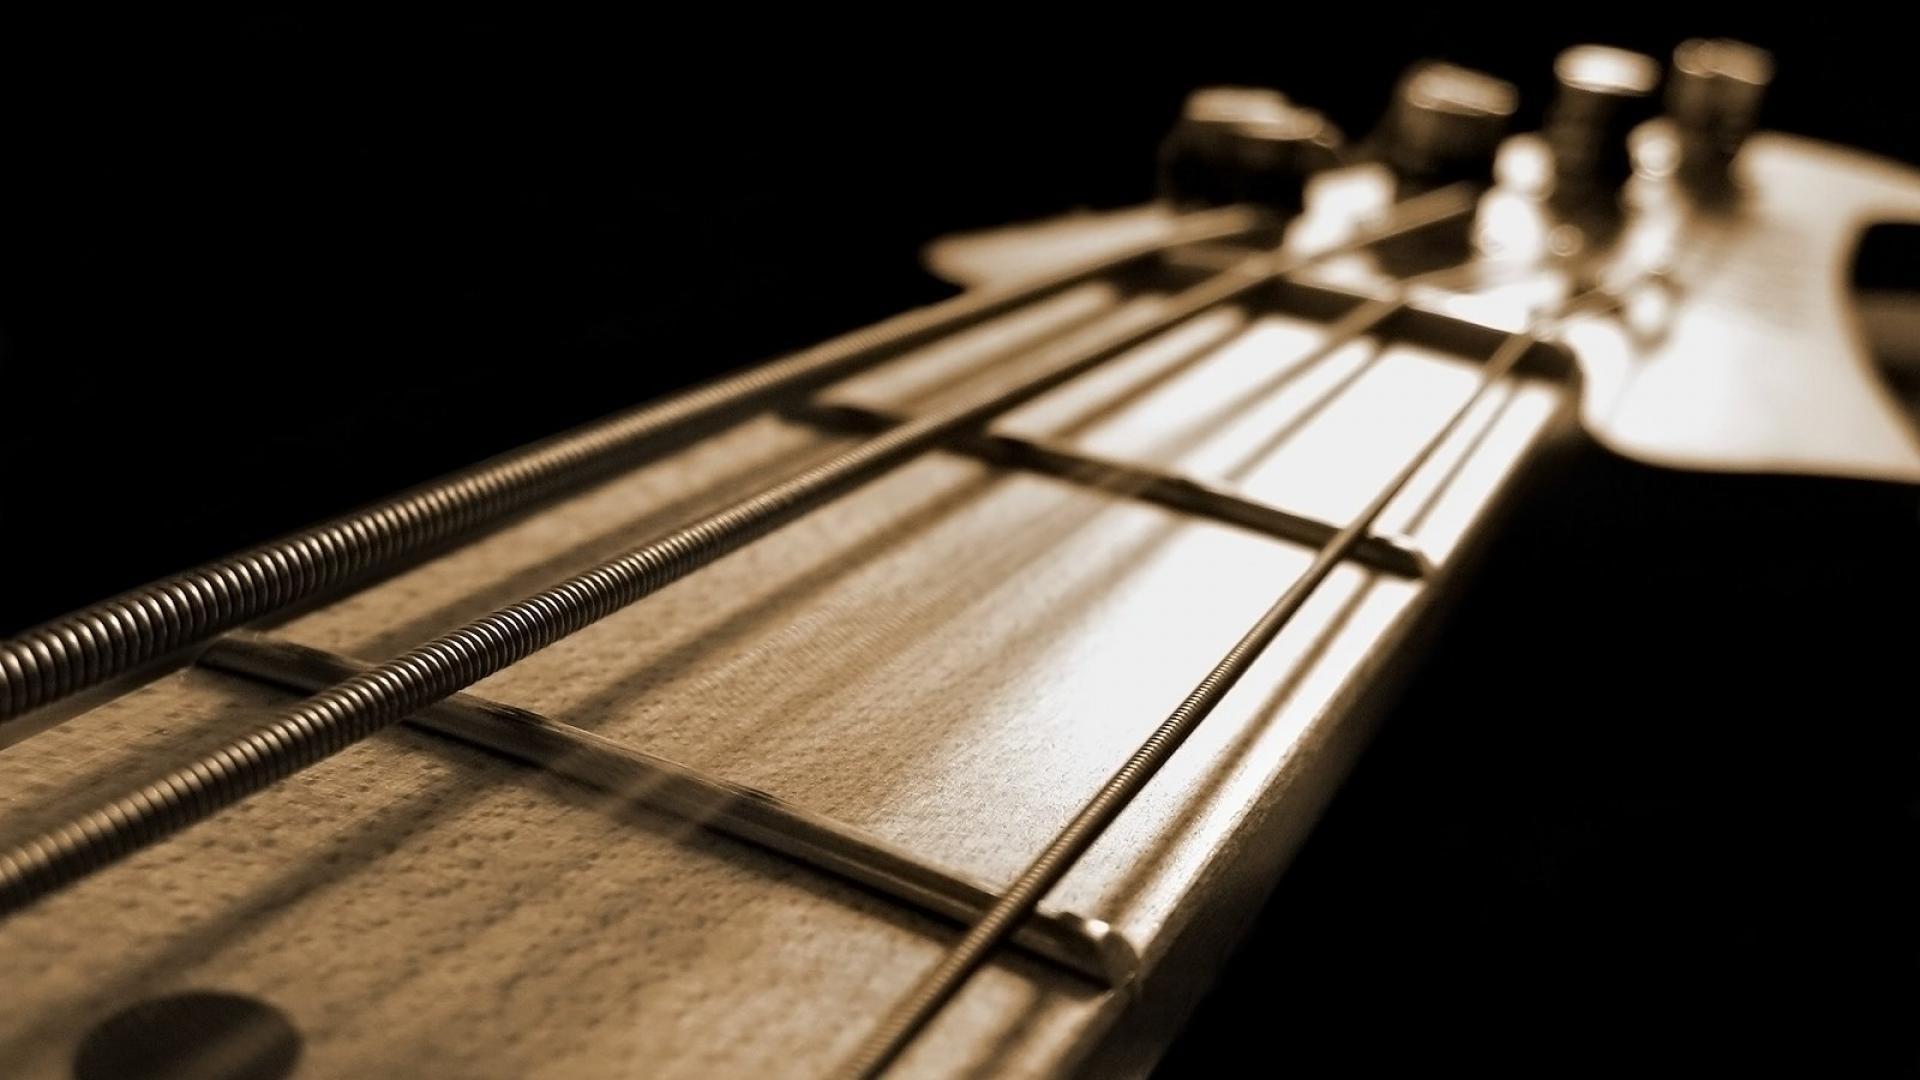 Bass Guitar Wallpapers 1920x1080